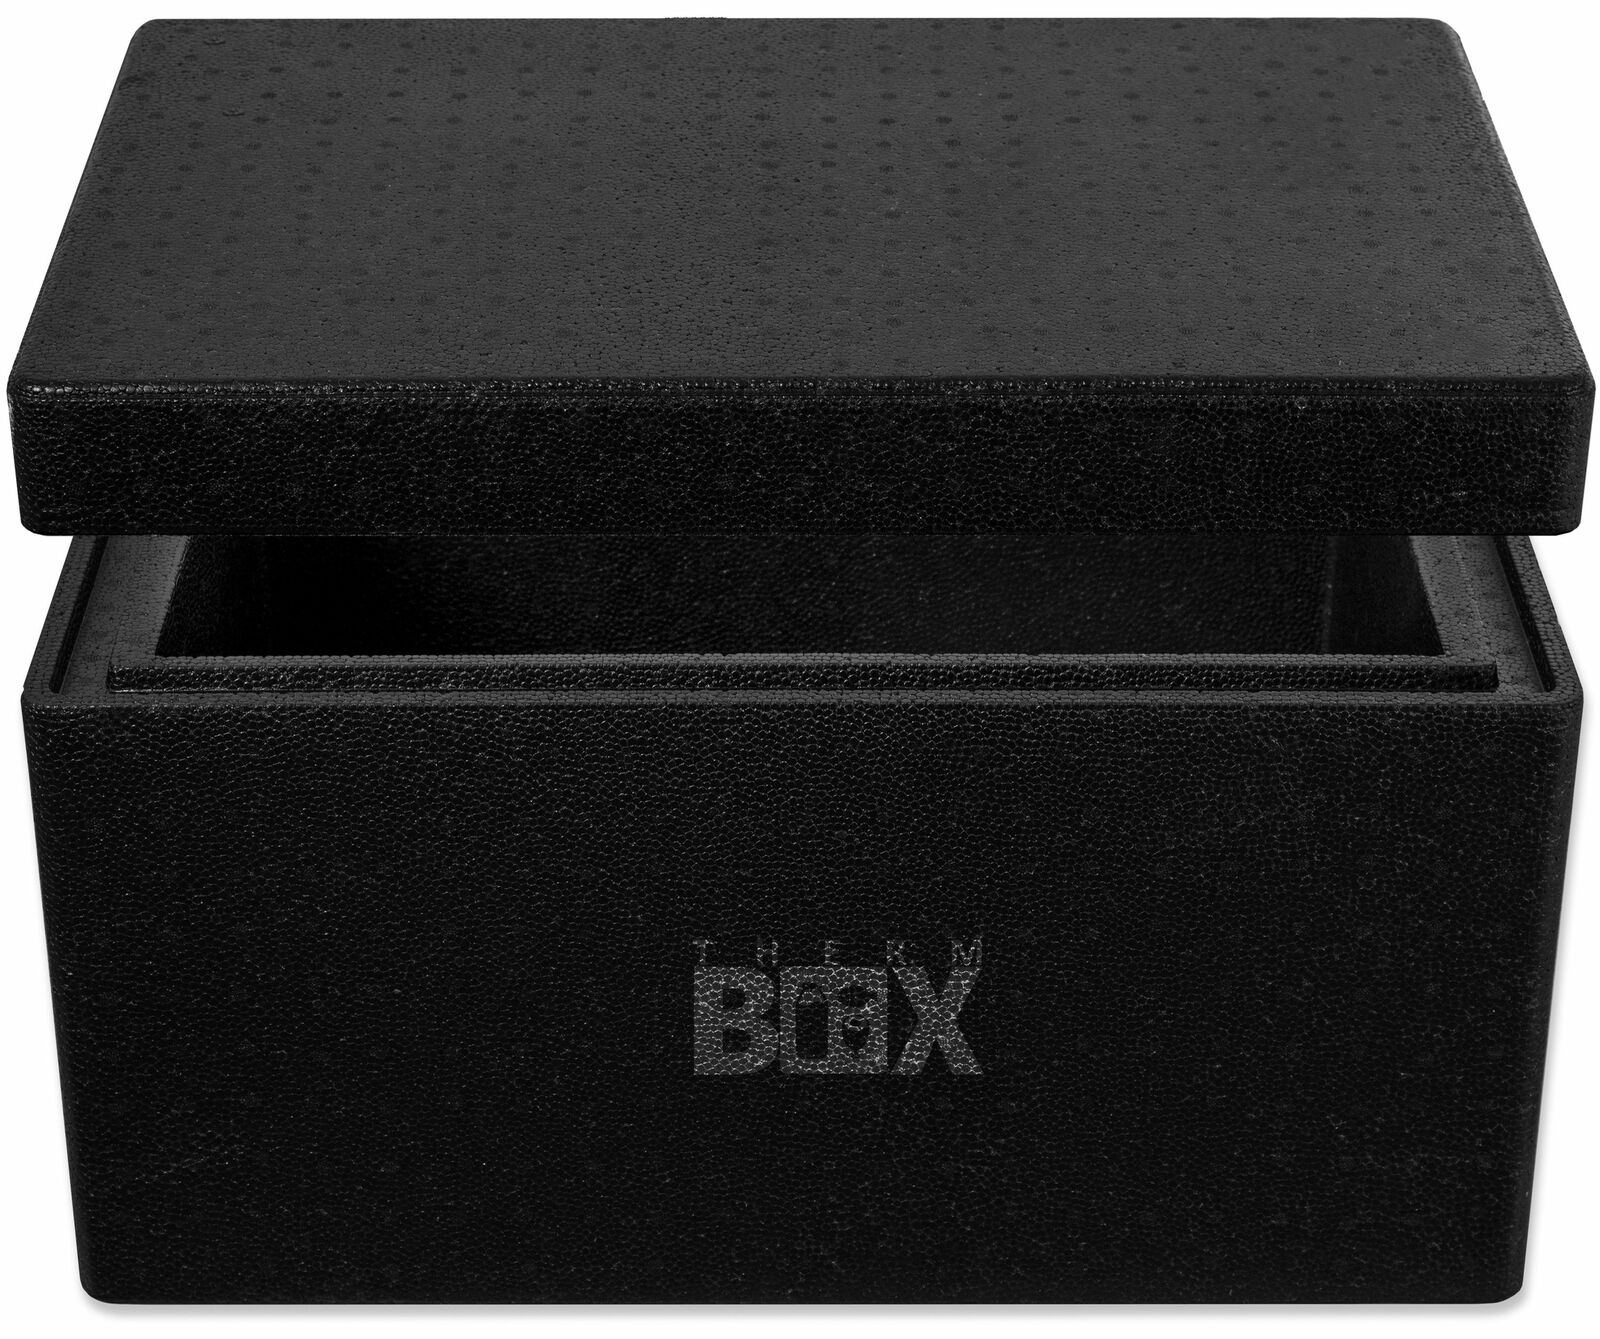 Therm-Box Innenmaß 51x30x24cm   Wiederverwendbar Isolierbox Thermobox Kühlbox